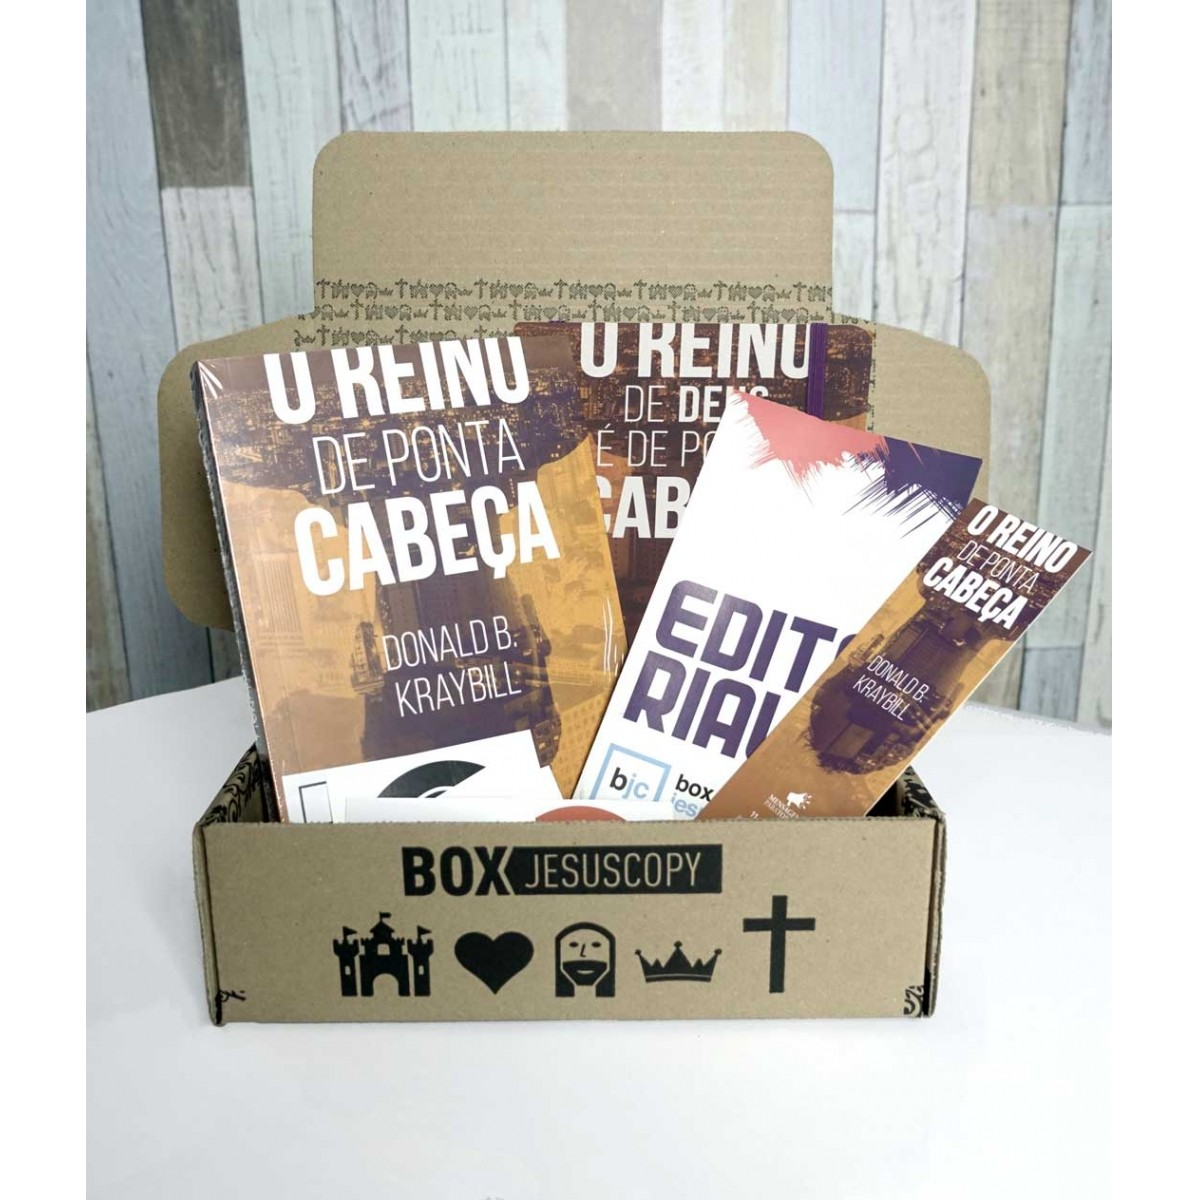 Box dos meses anteriores - JULHO  - Jesuscopy